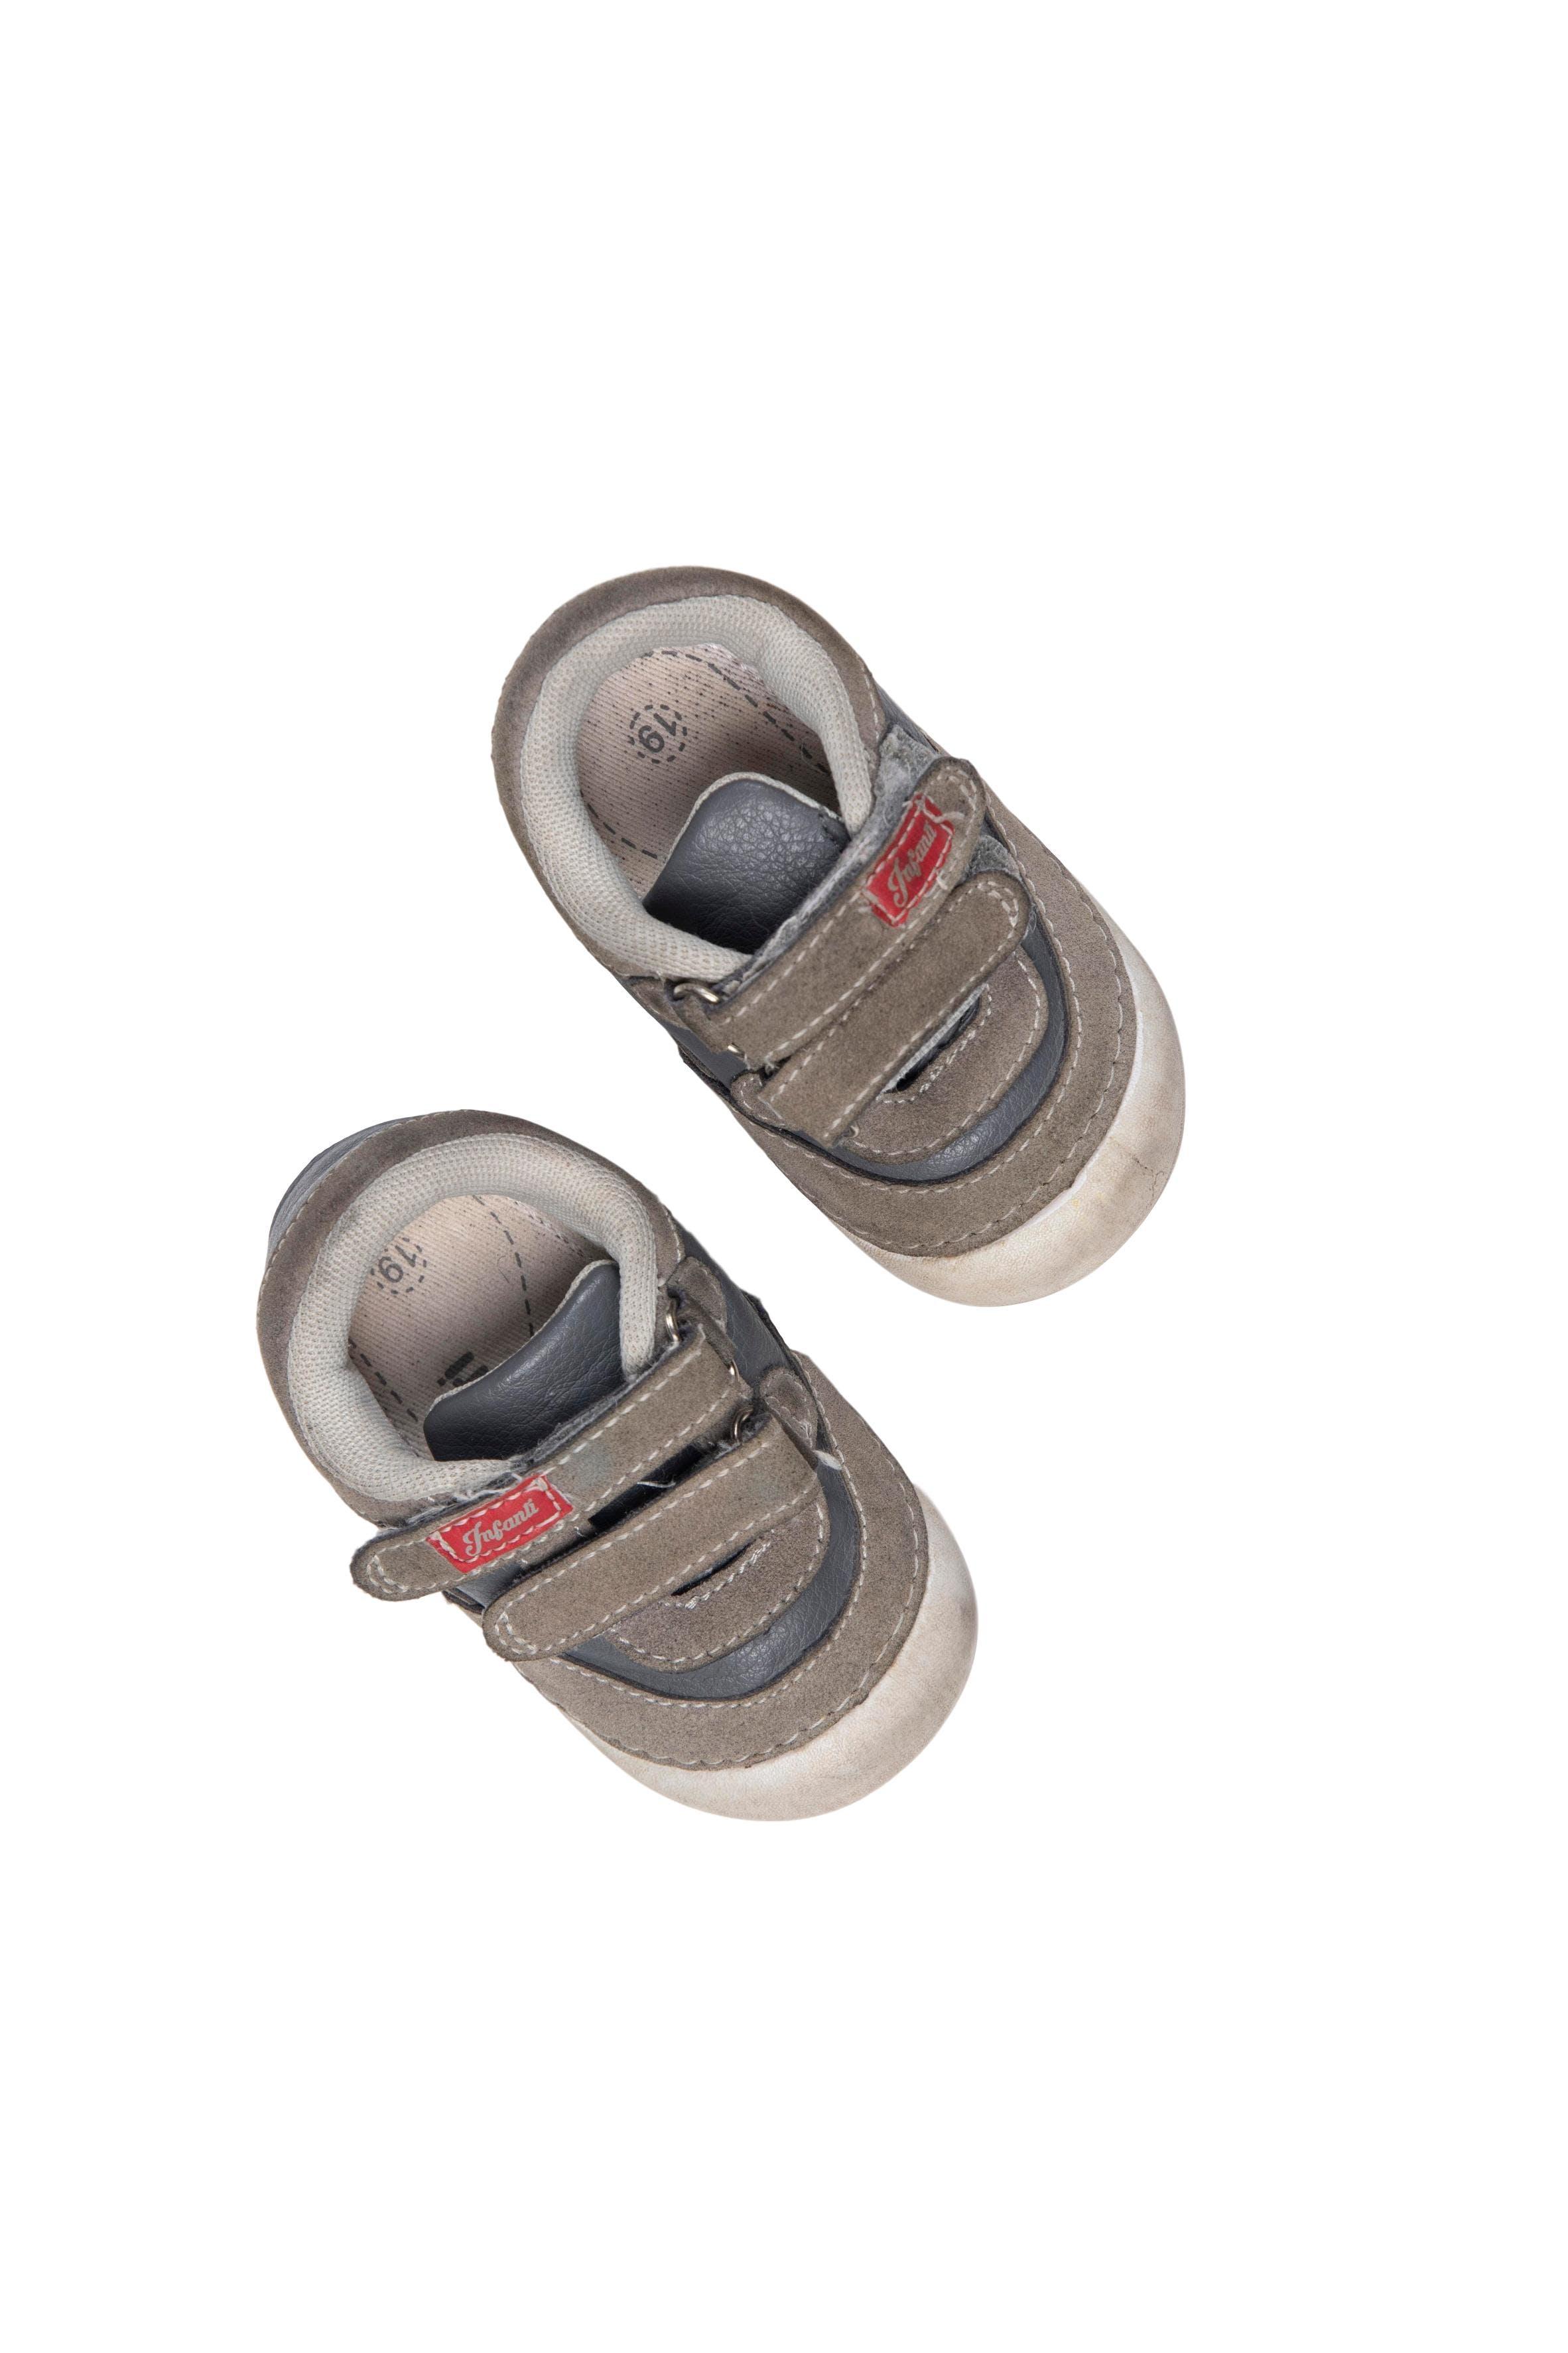 Zapatillas grises con velcro, simil cuero USA 3.5 - Infanti